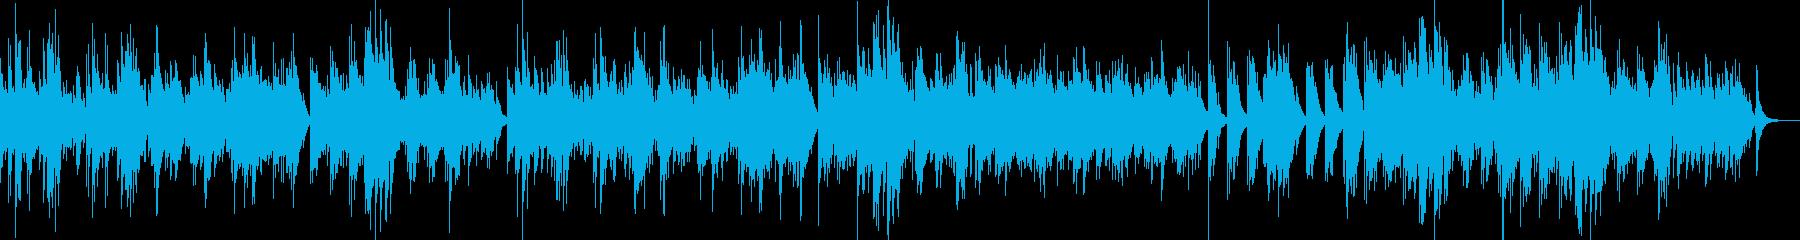 ガットギターの音色が優しいアンサンブル の再生済みの波形